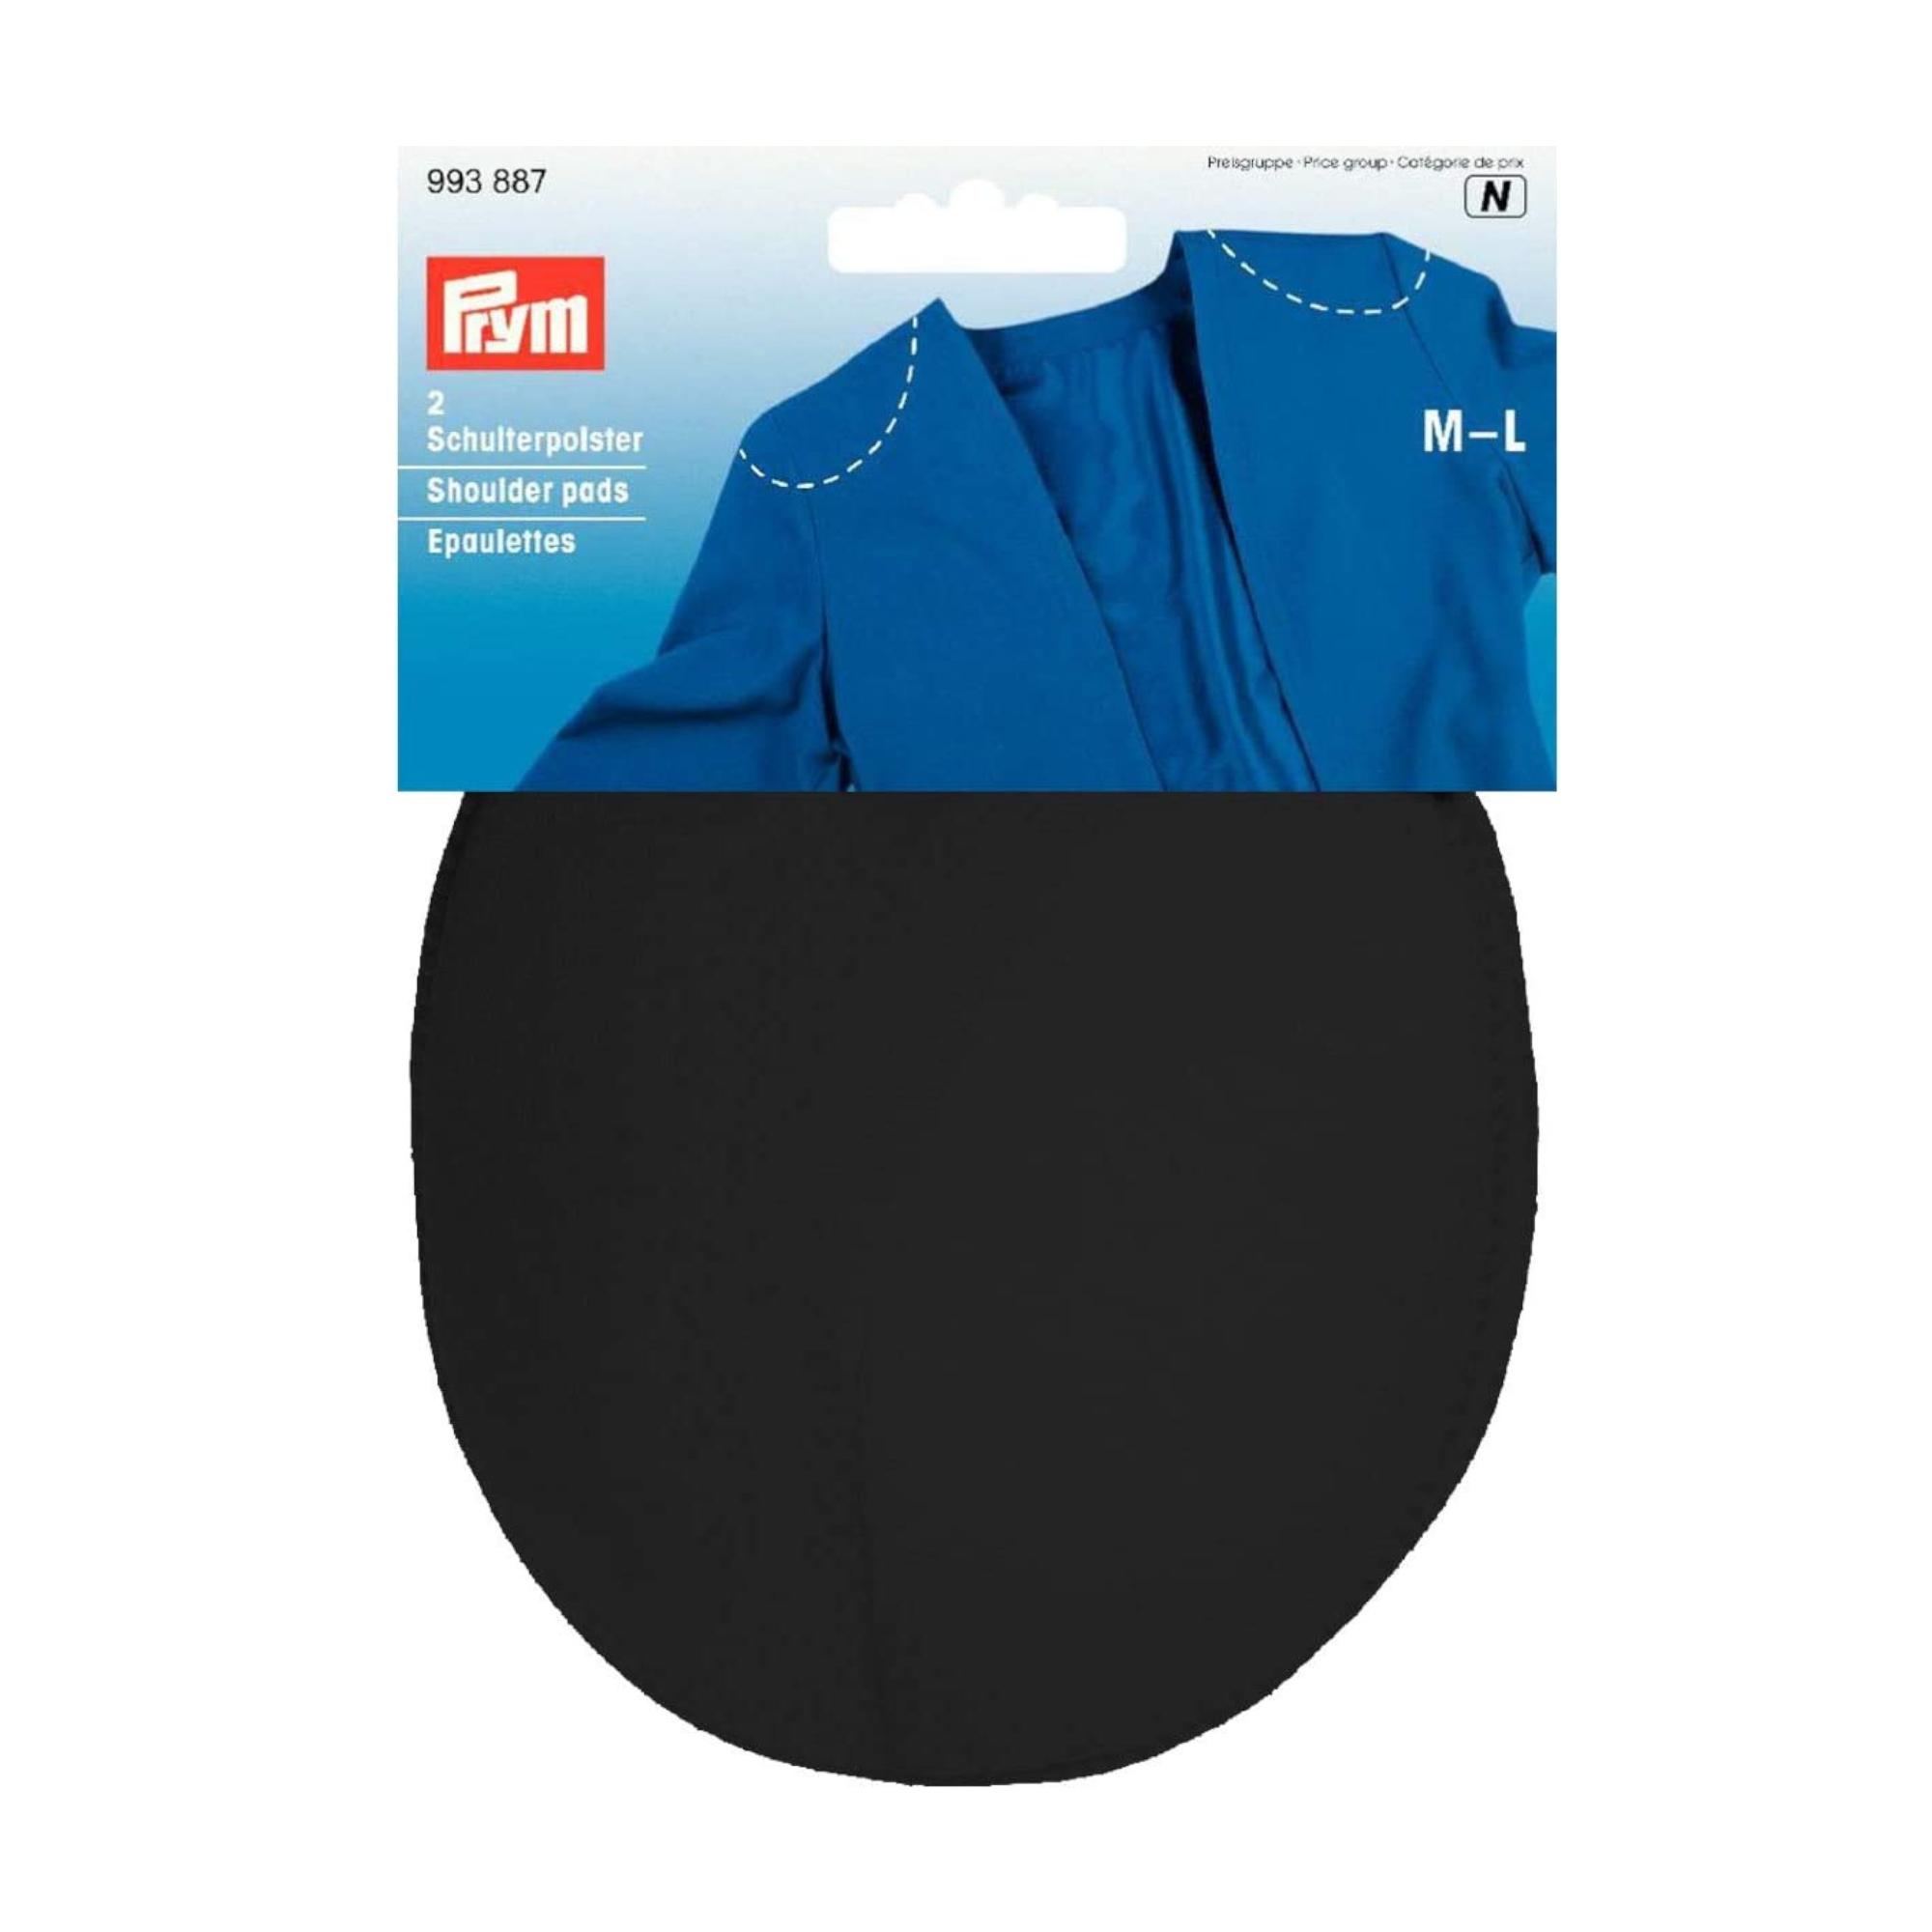 Schulterpolster Raglan PA M-L, schwarz